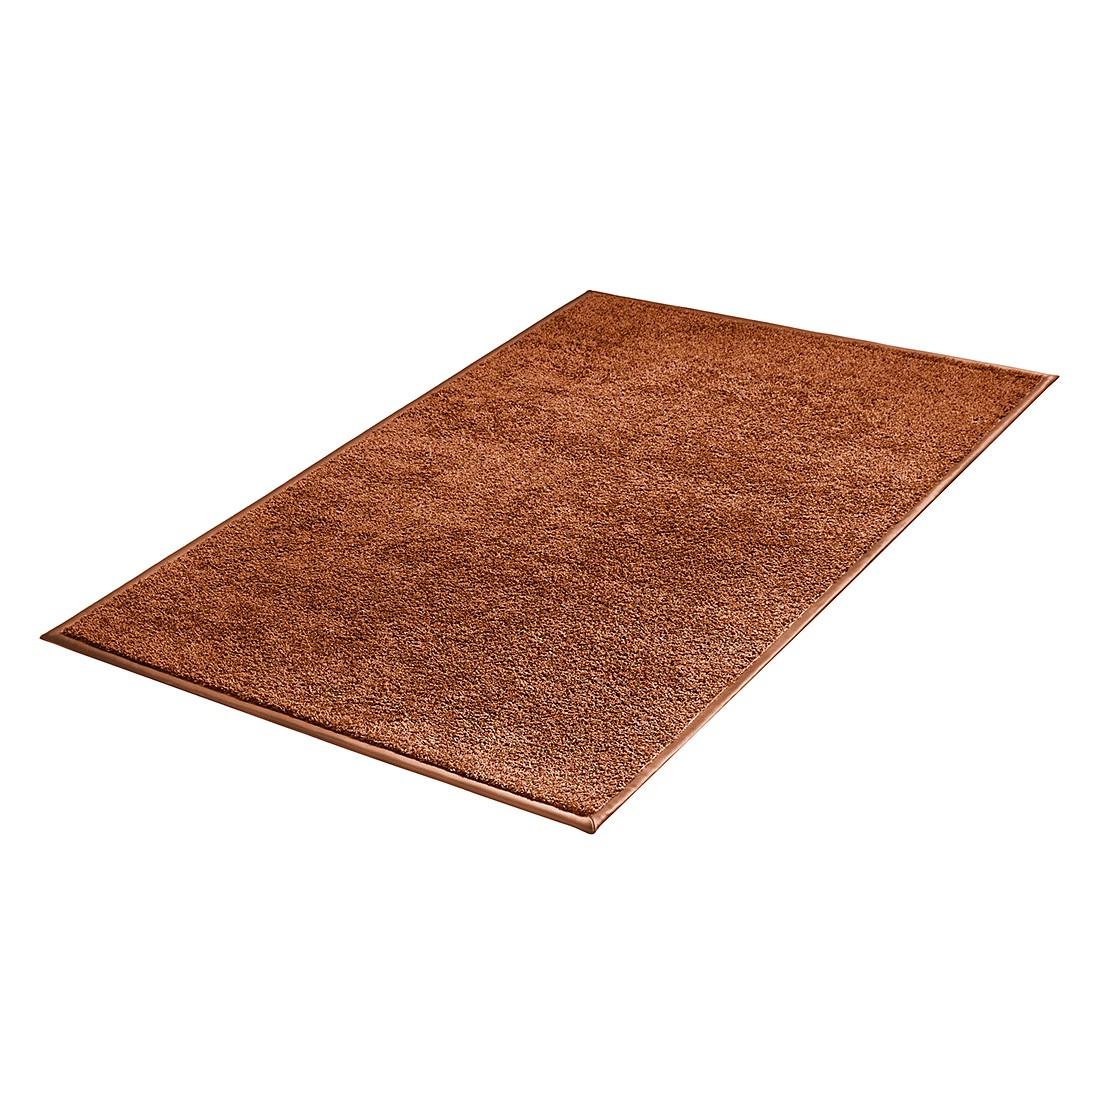 Teppich Noblesse Exclusiv – Terrakotta – 133 x 190 cm, DEKOWE jetzt bestellen